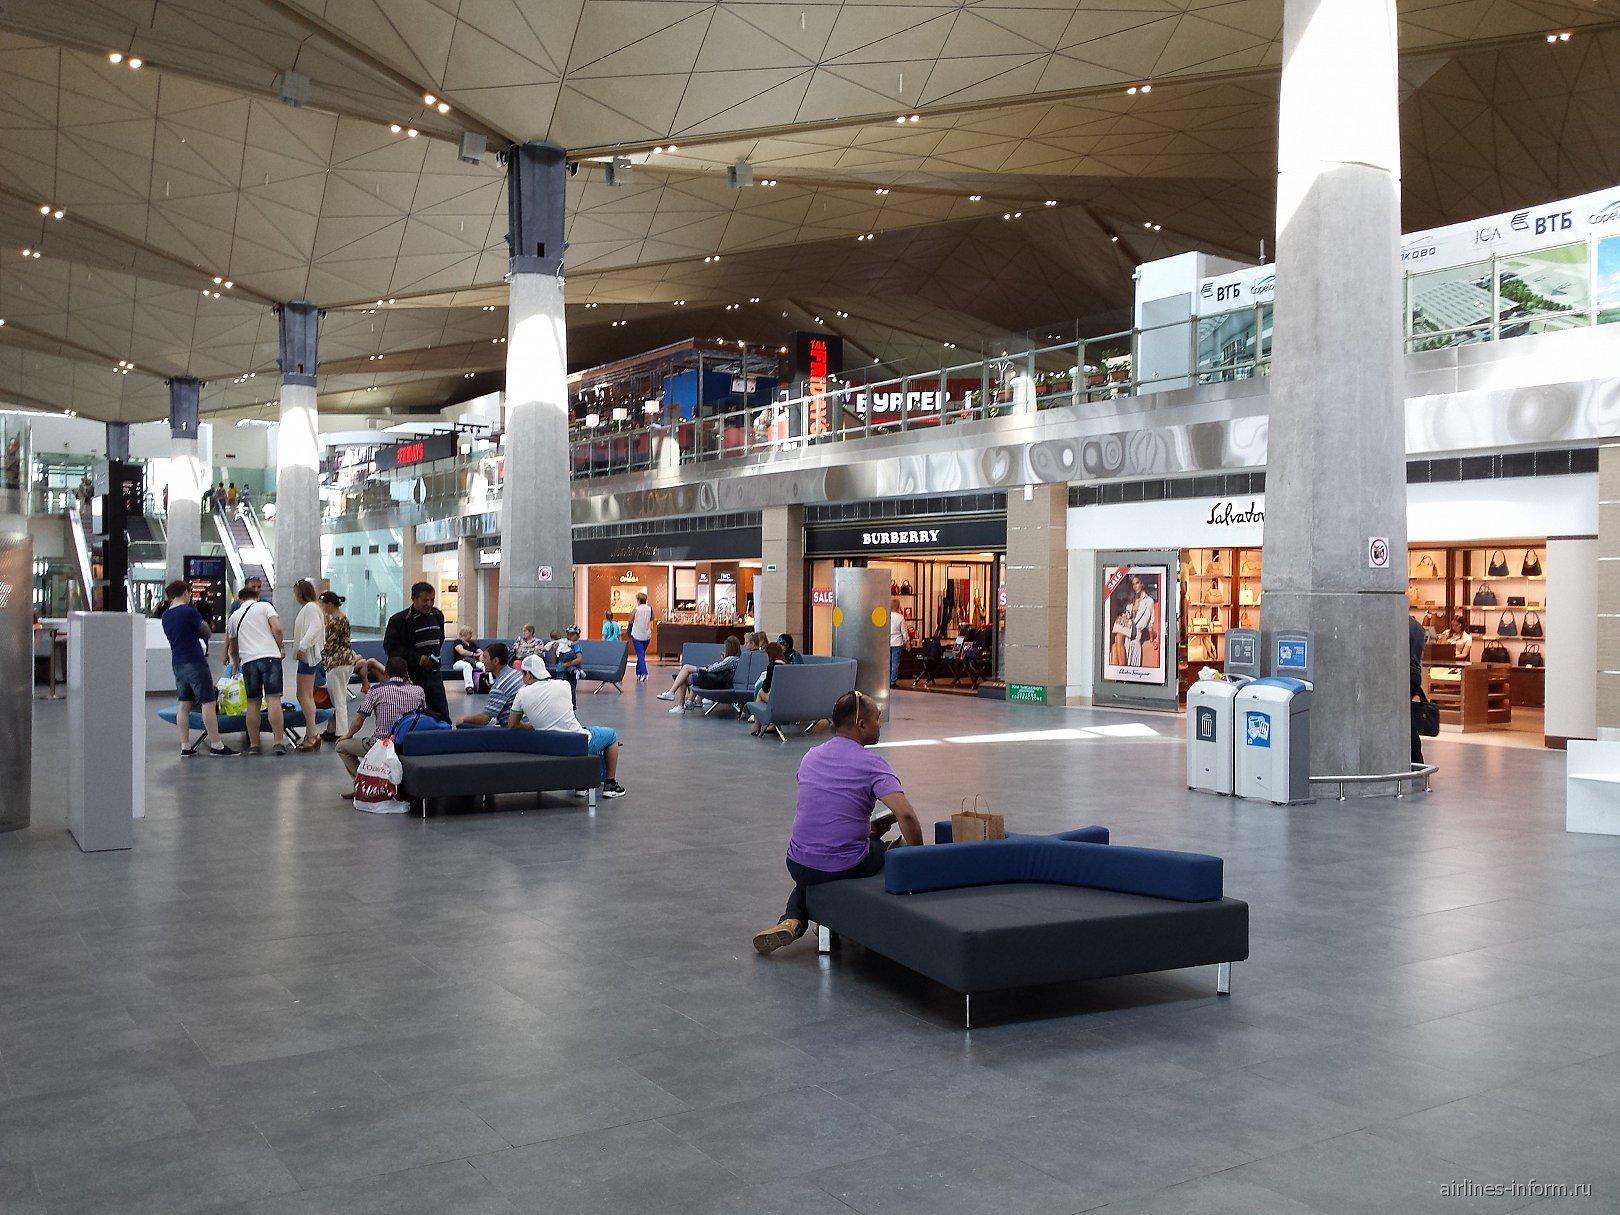 Зал ожидания в чистой зоне аэропорта Санкт-Петербург Пулково